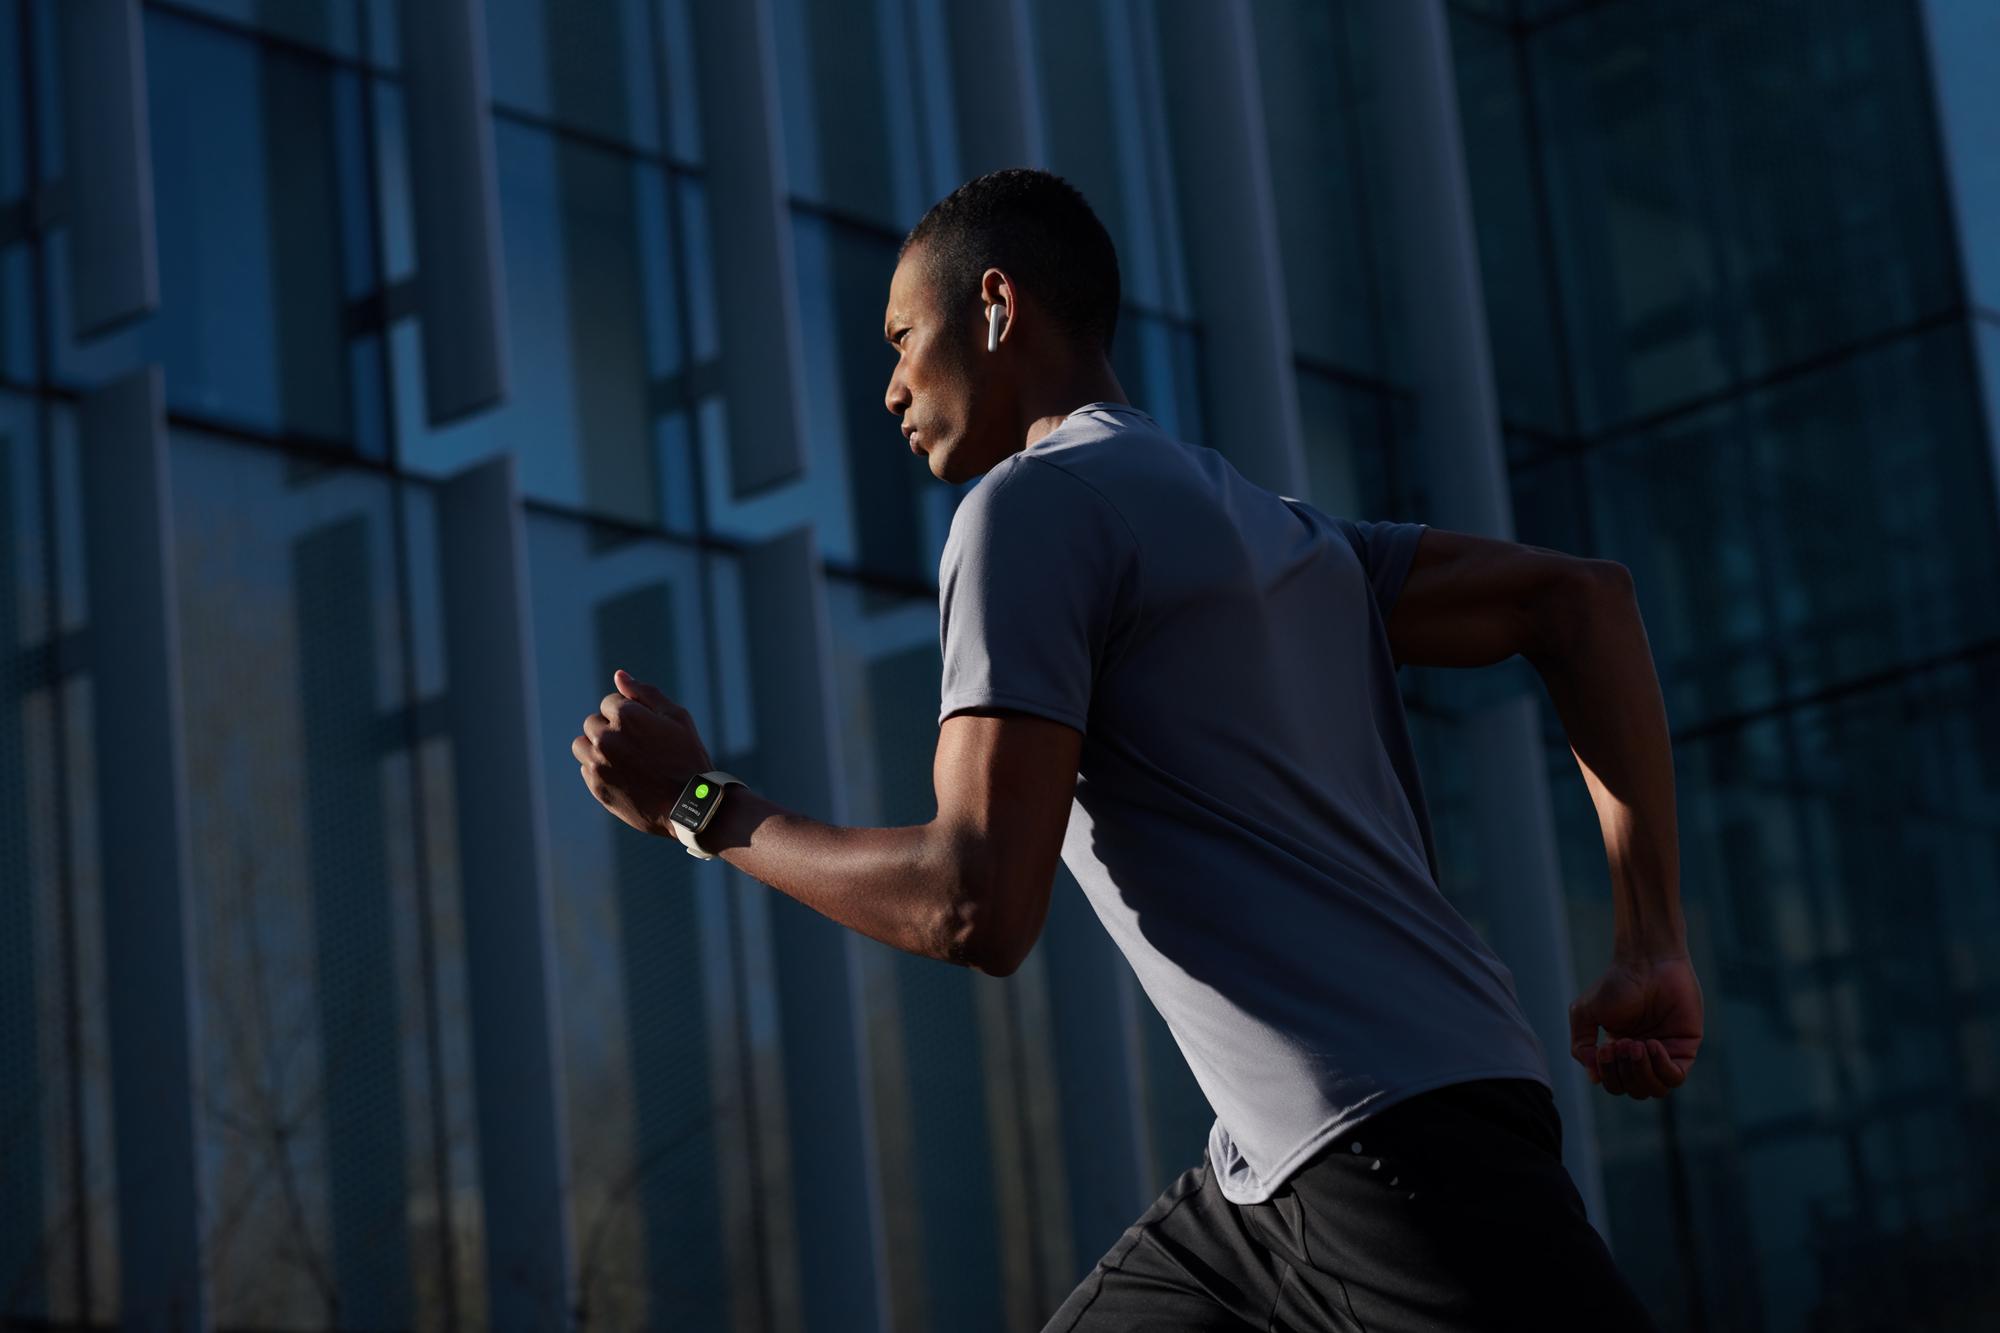 OPPO Watch系列支援5分鐘健身系列課程與5種OPPO日常運動模式,不論在戶外或者室內都能隨時隨地追求完美體態。